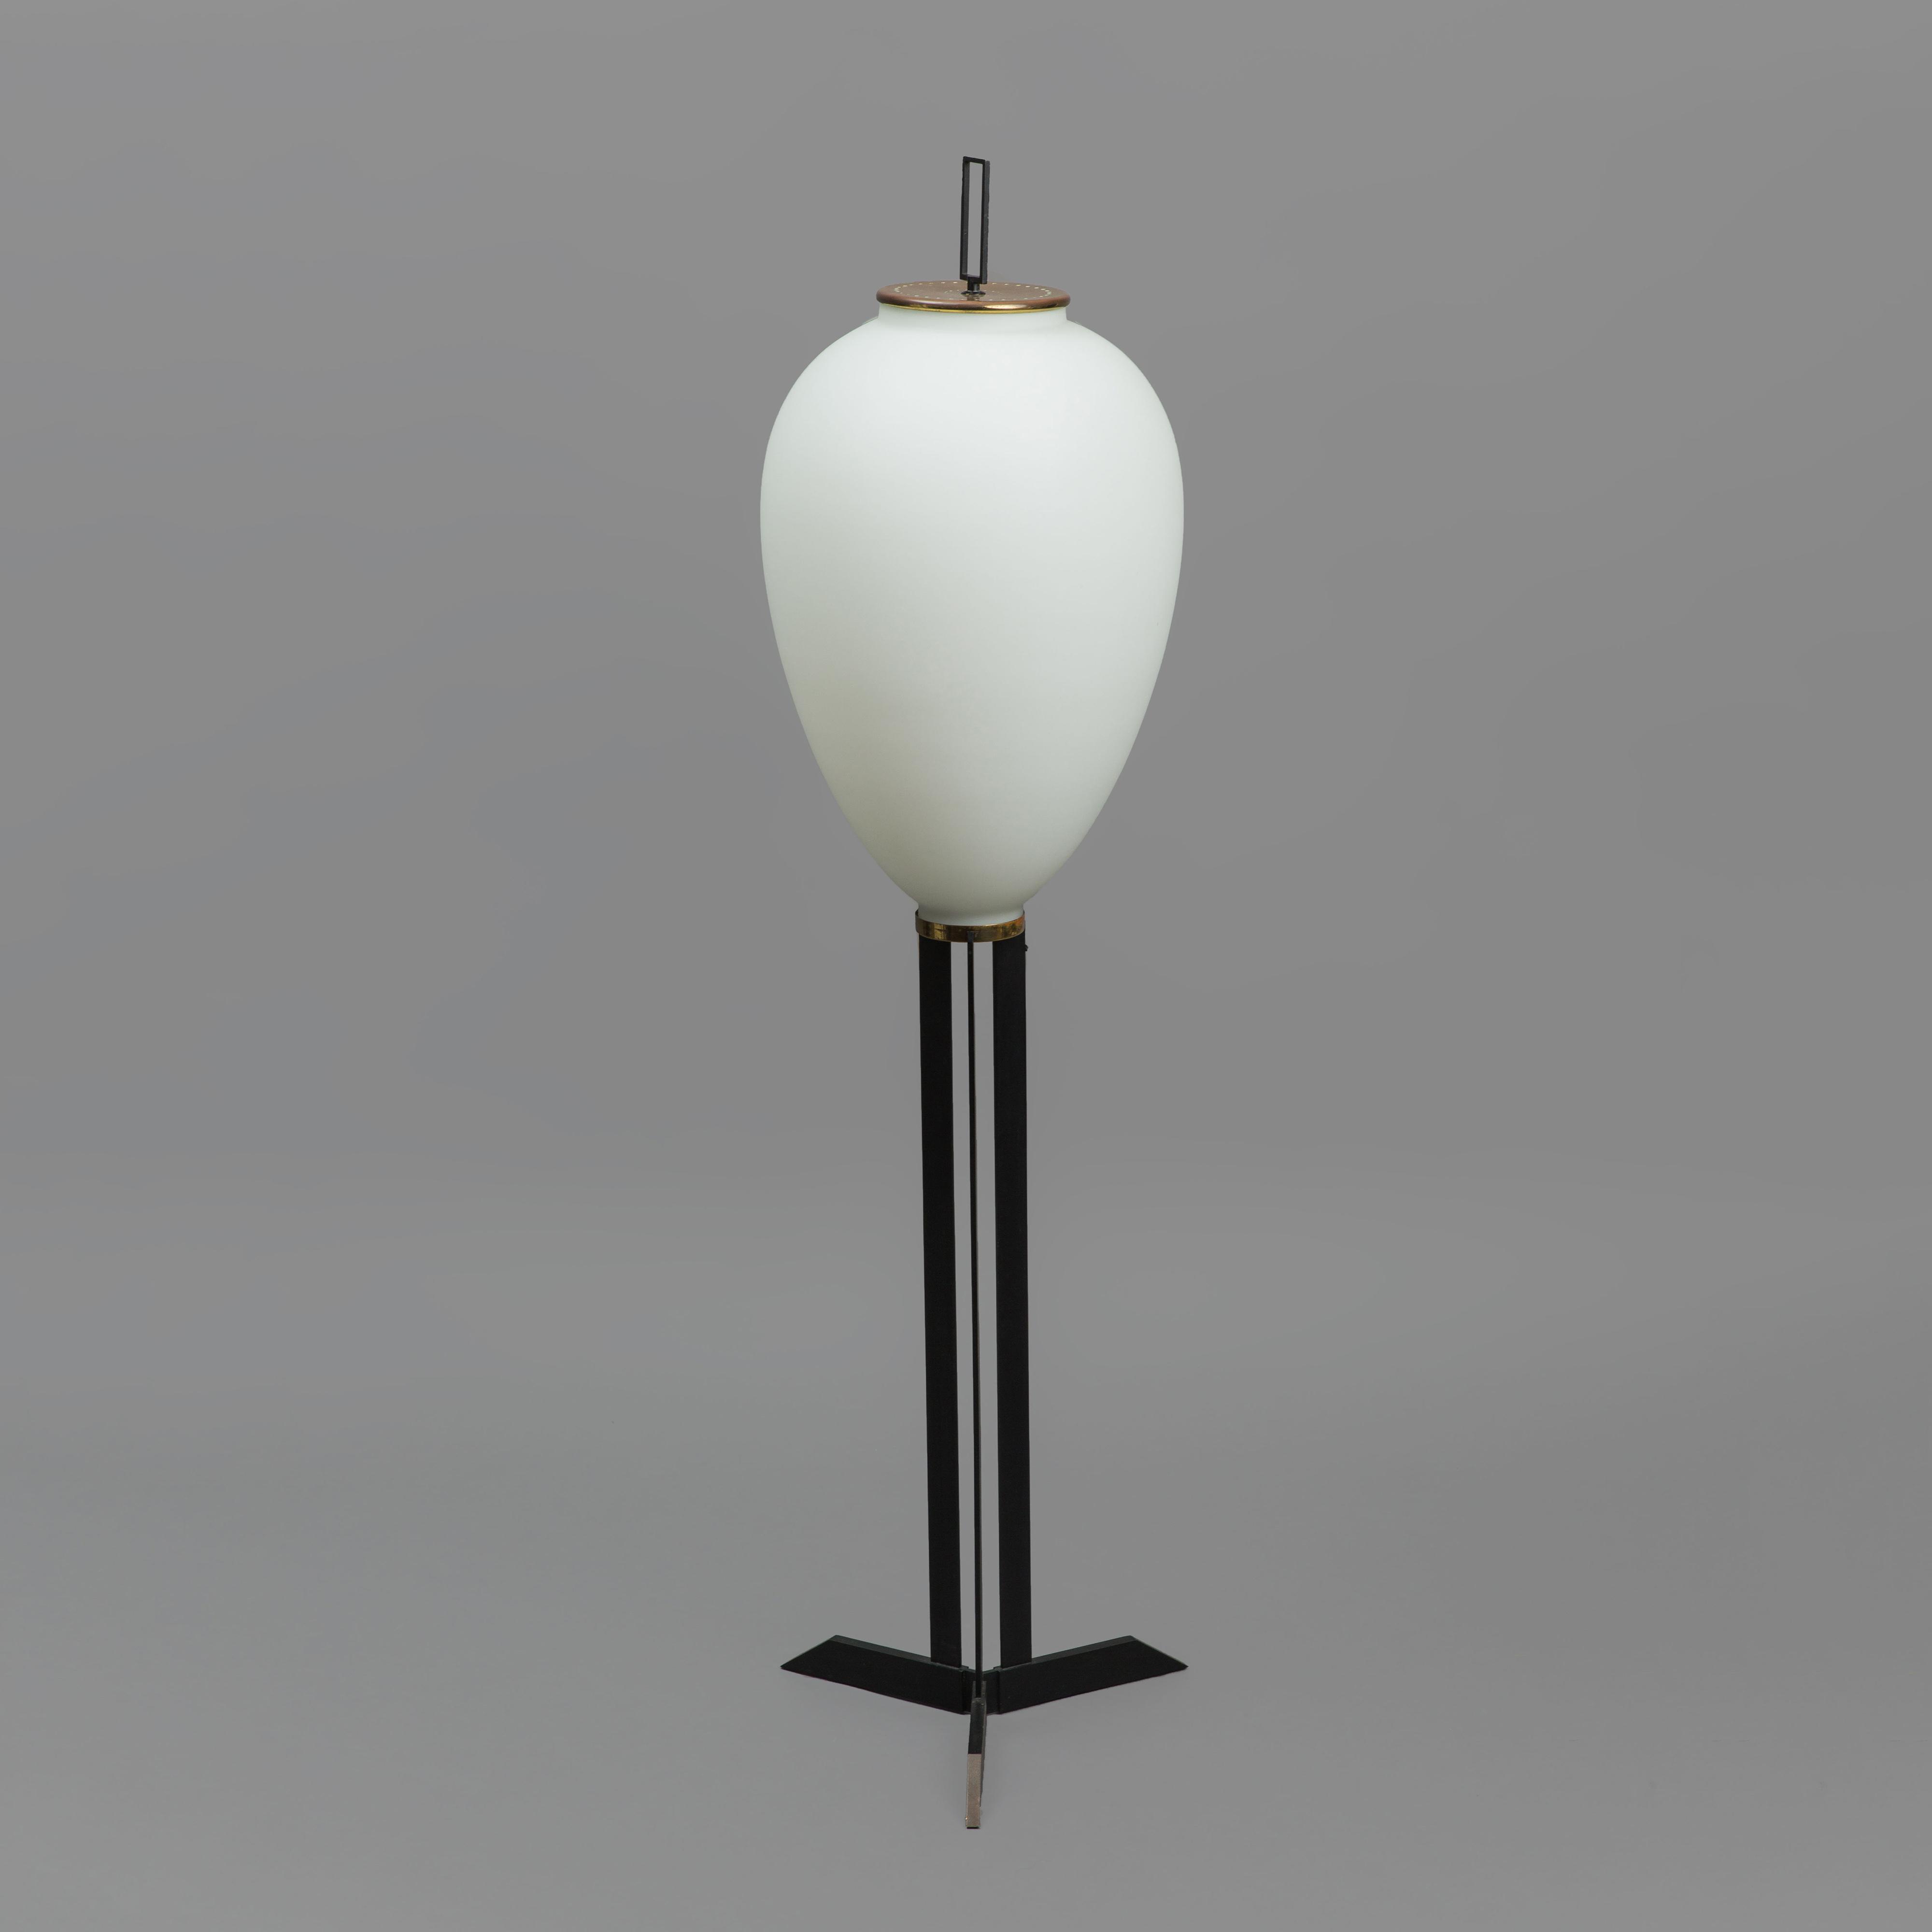 Rare 'Pinguino' Floor Lamp by Angelo Lelii for Arredoluce | soyun k.